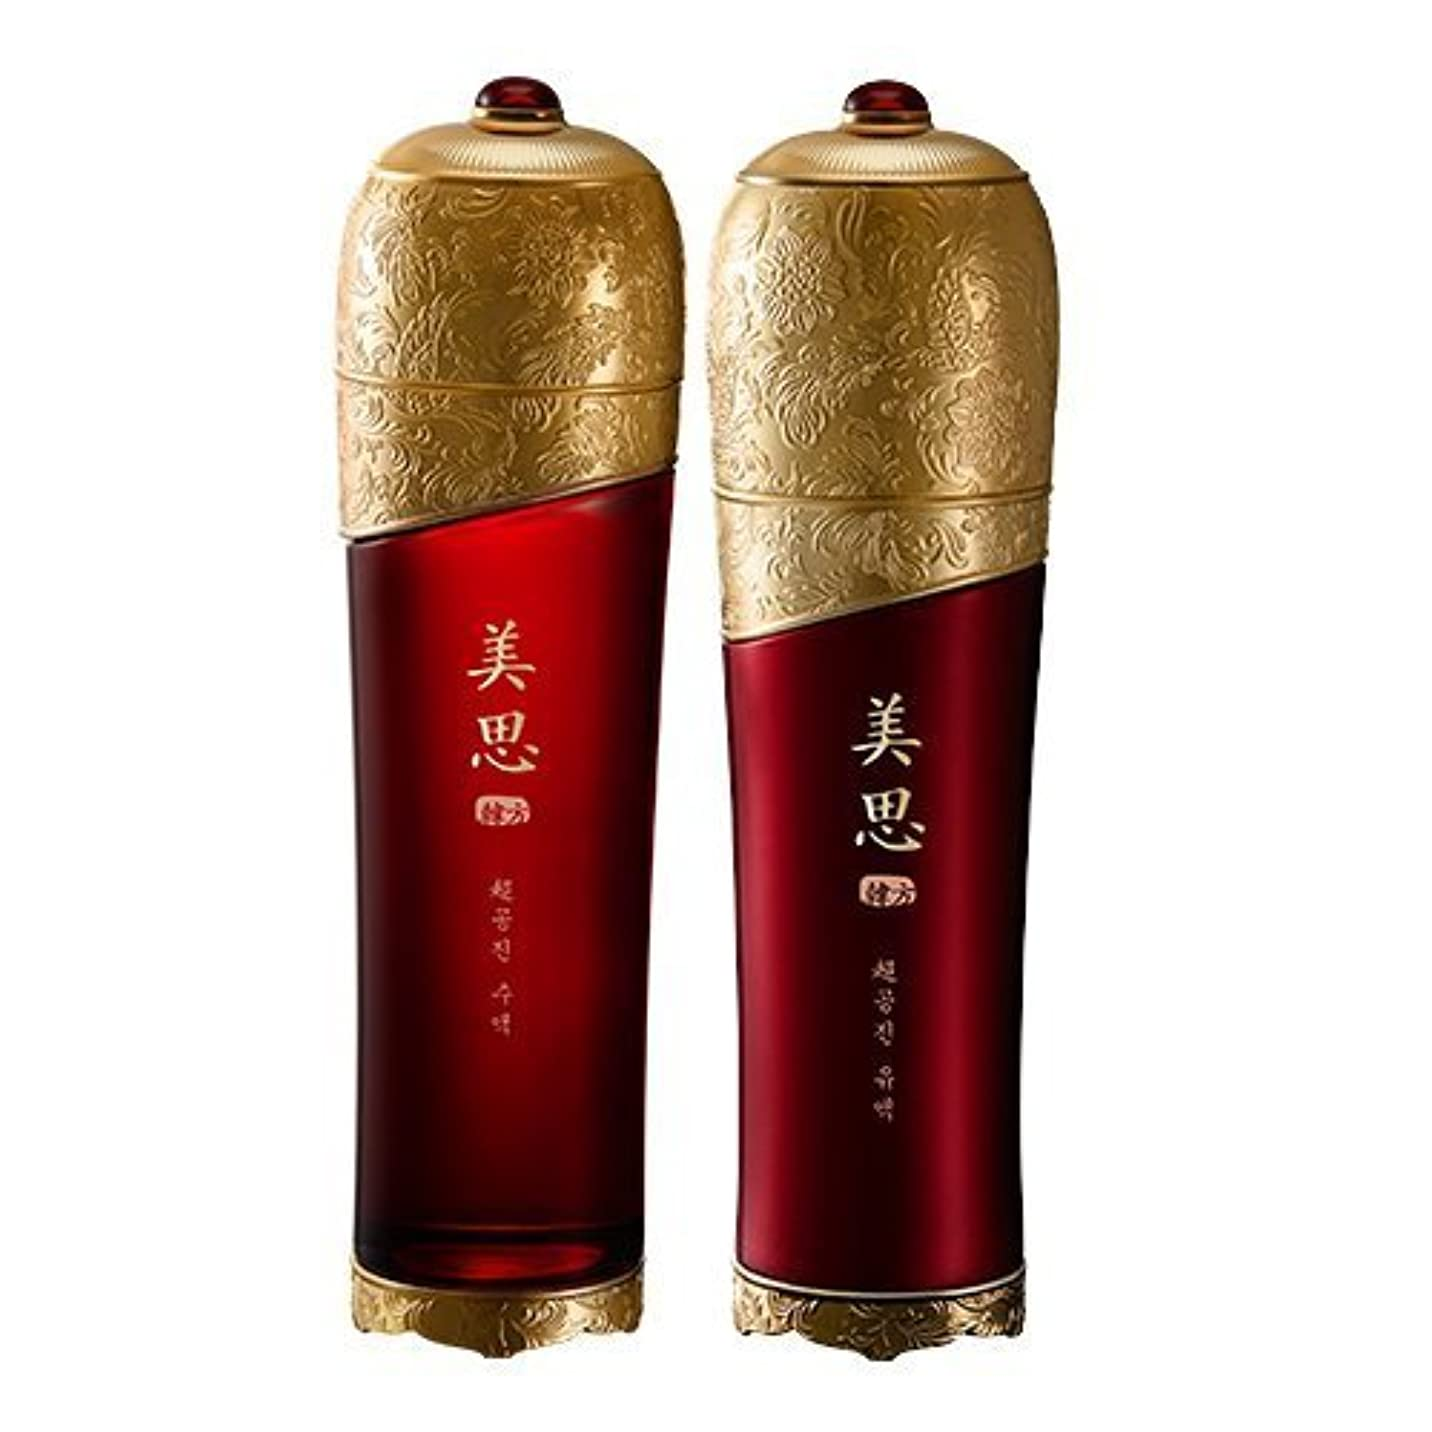 引き受ける眠っている最も遠いMISSHA(ミシャ) 美思 韓方 チョゴンジン 基礎化粧品 スキンケア 化粧水+乳液=お得2種Set